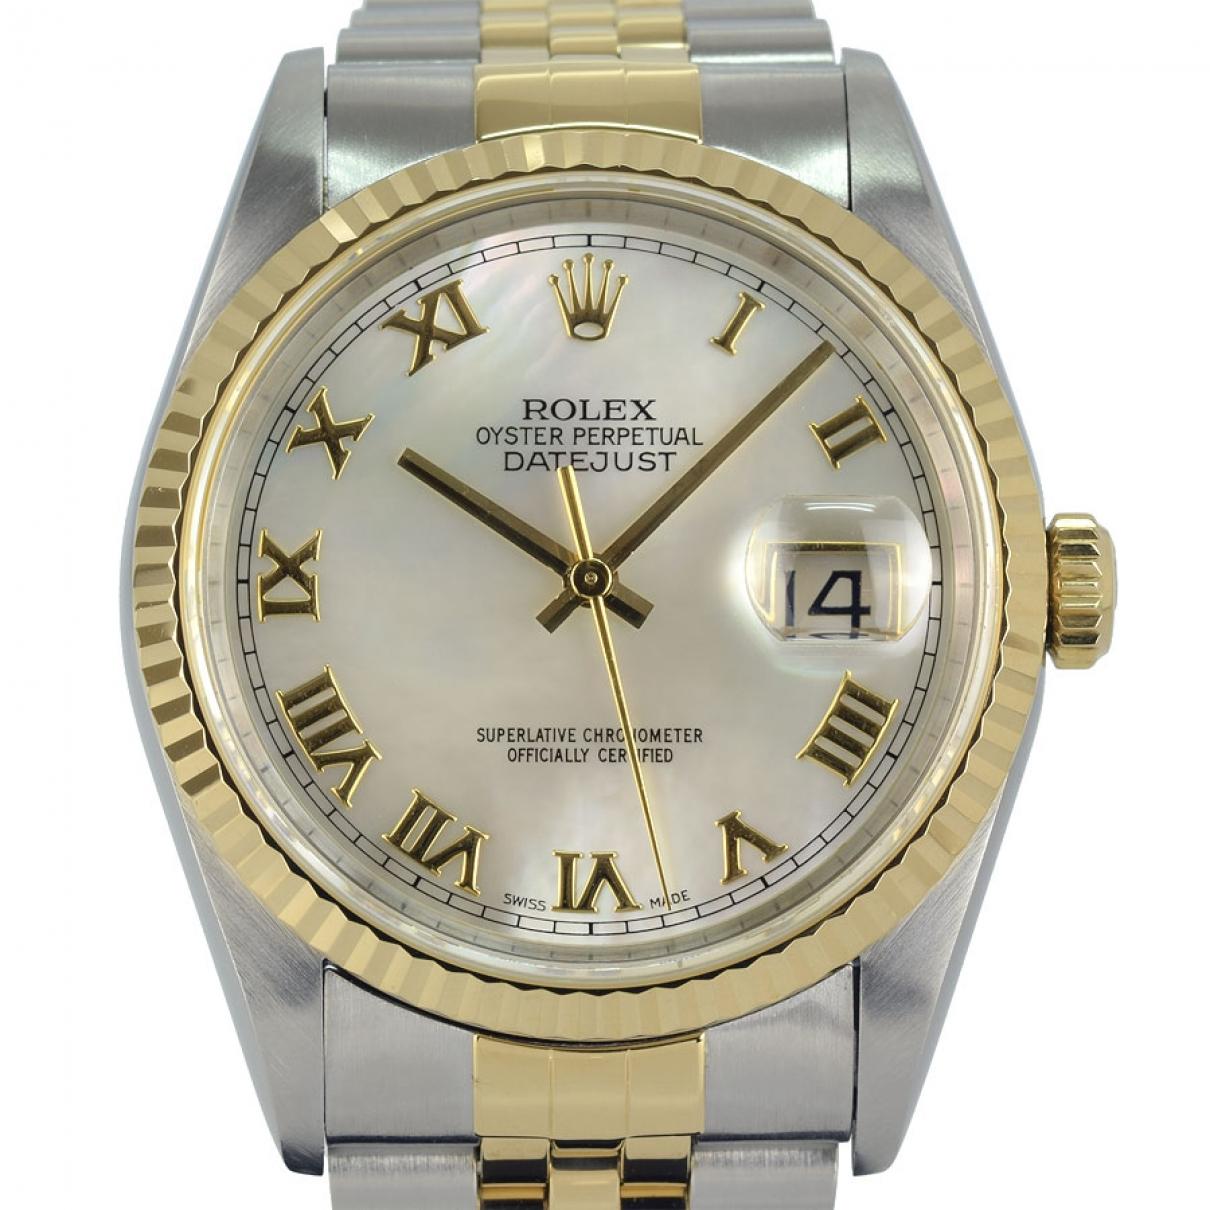 Rolex Datejust 36mm Uhr in  Khaki Gold und Stahl